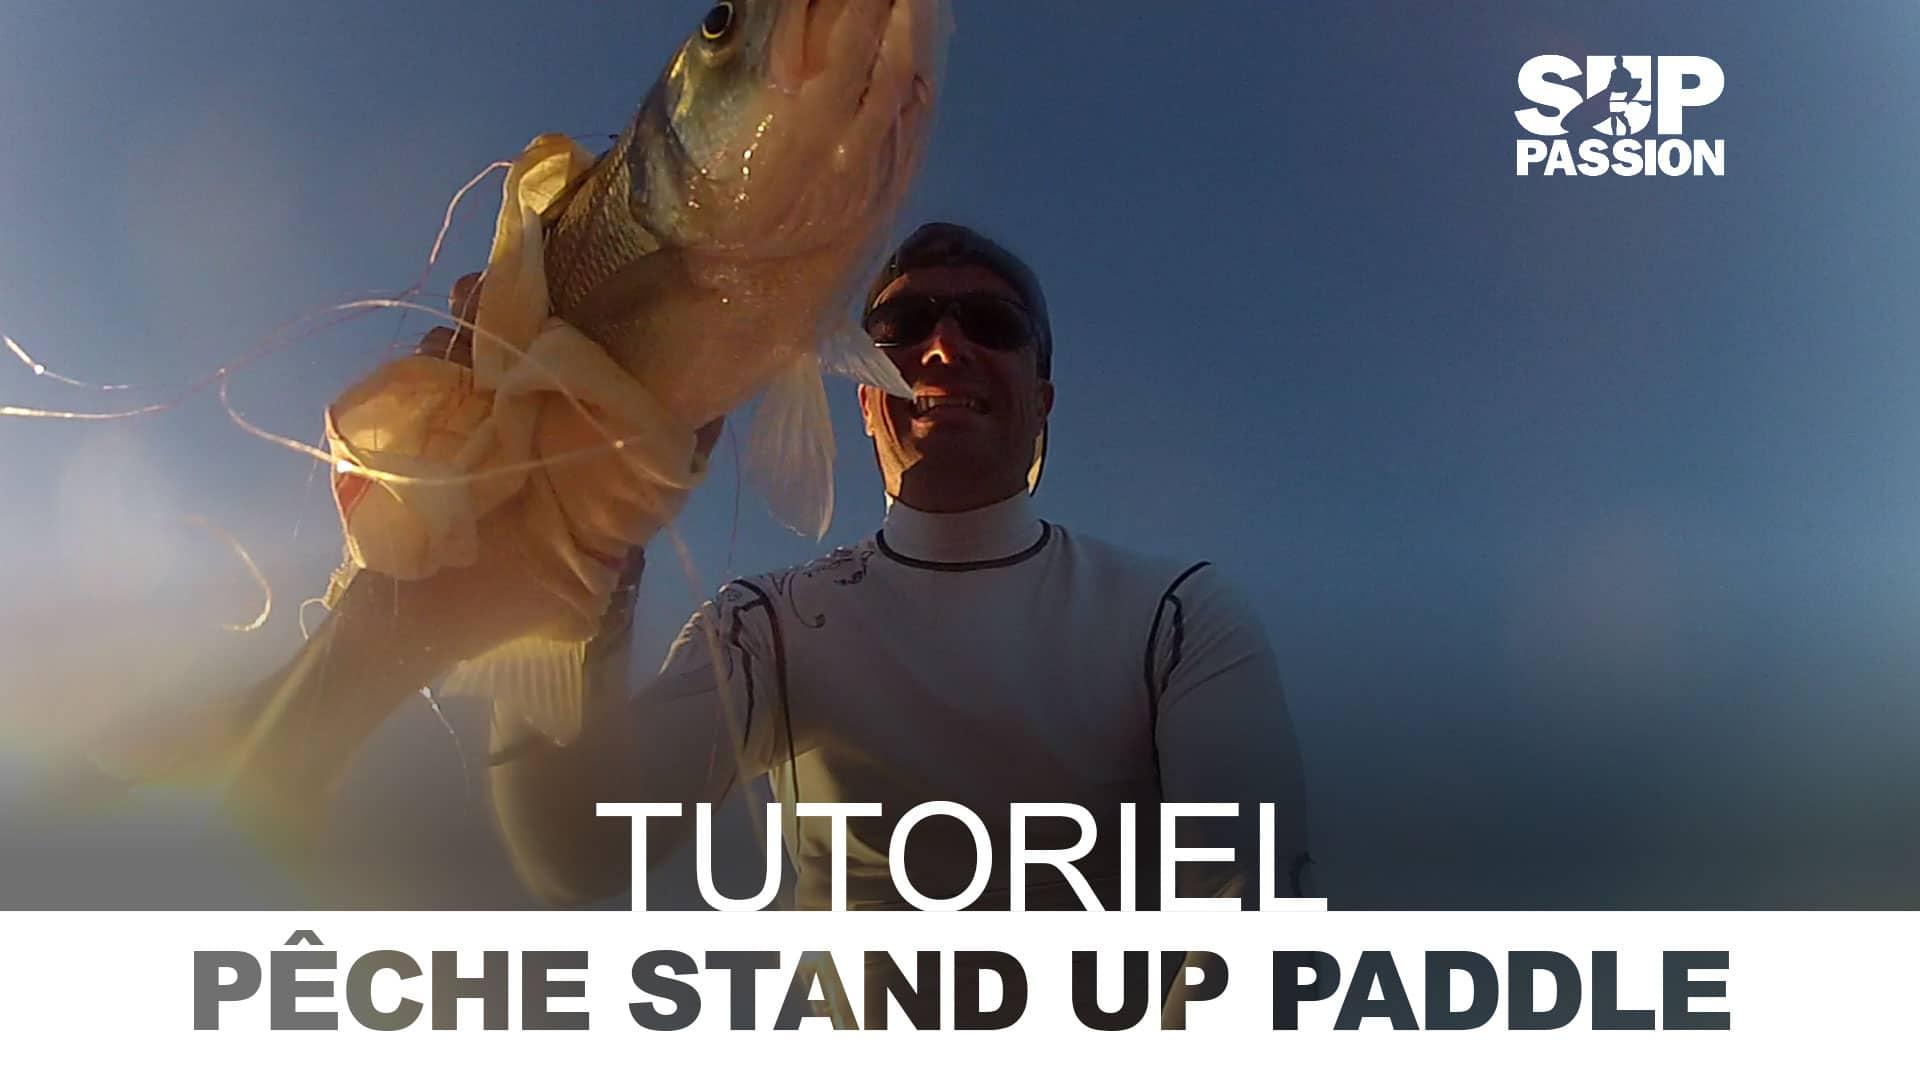 Tutoriel vidéo, pêcher le bar en stand up paddle